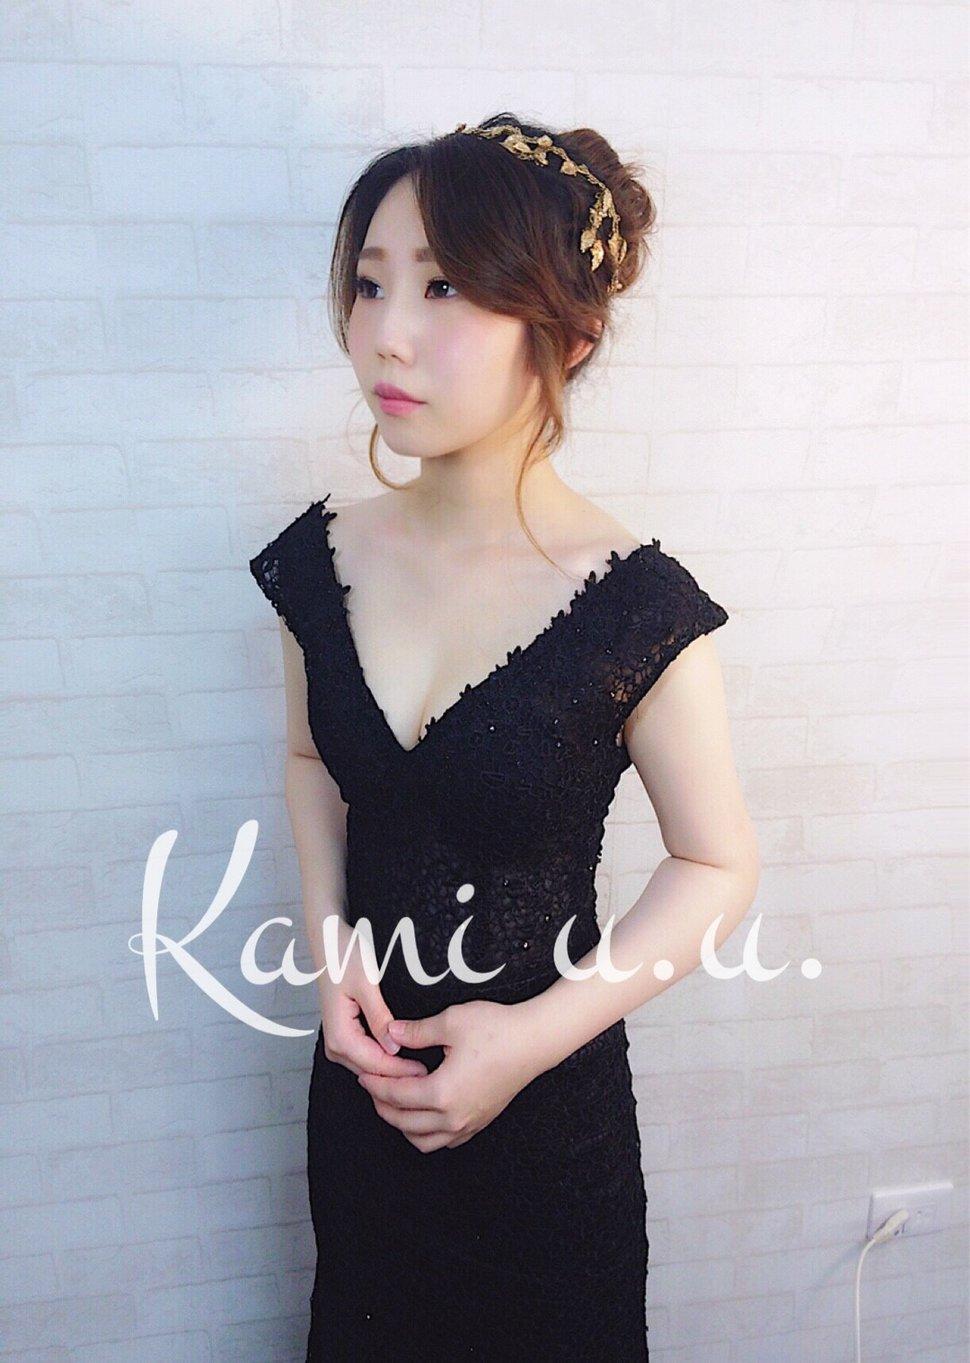 李宛霖_190223_0005 - Kami u.u. 龔芷筠《結婚吧》